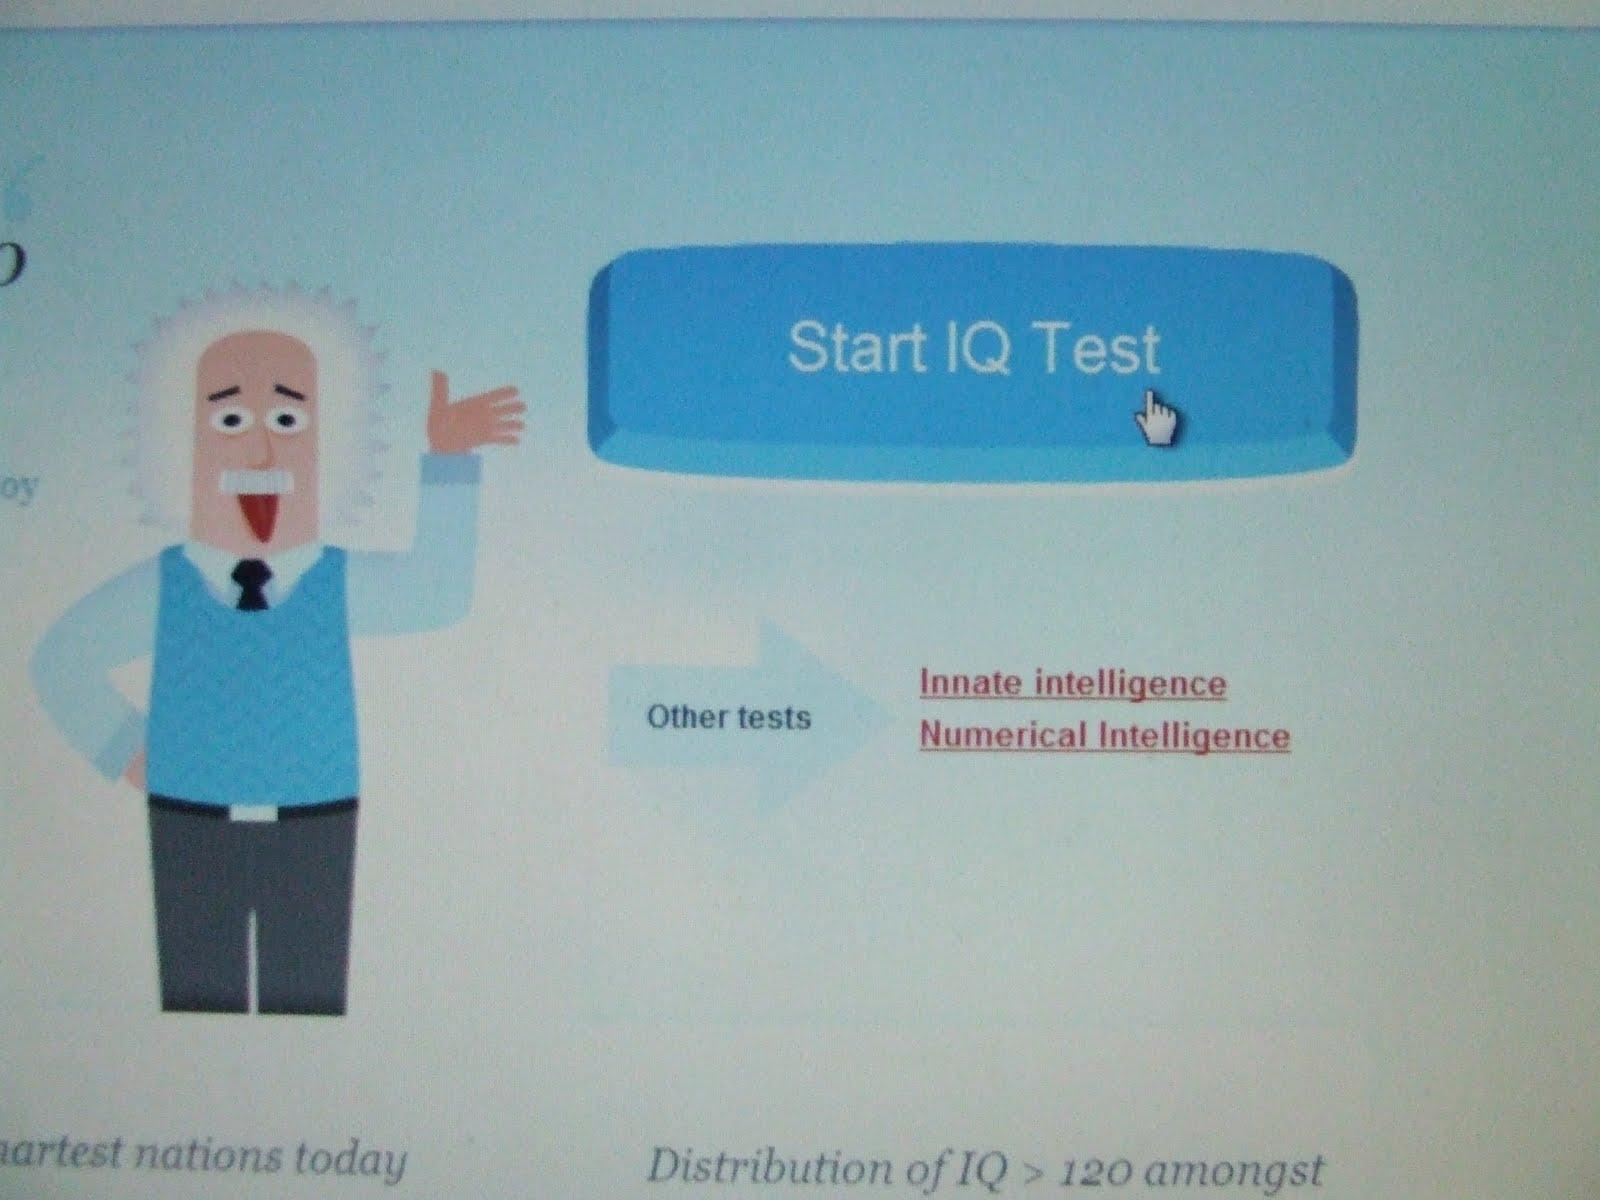 So I took an IQ test...?